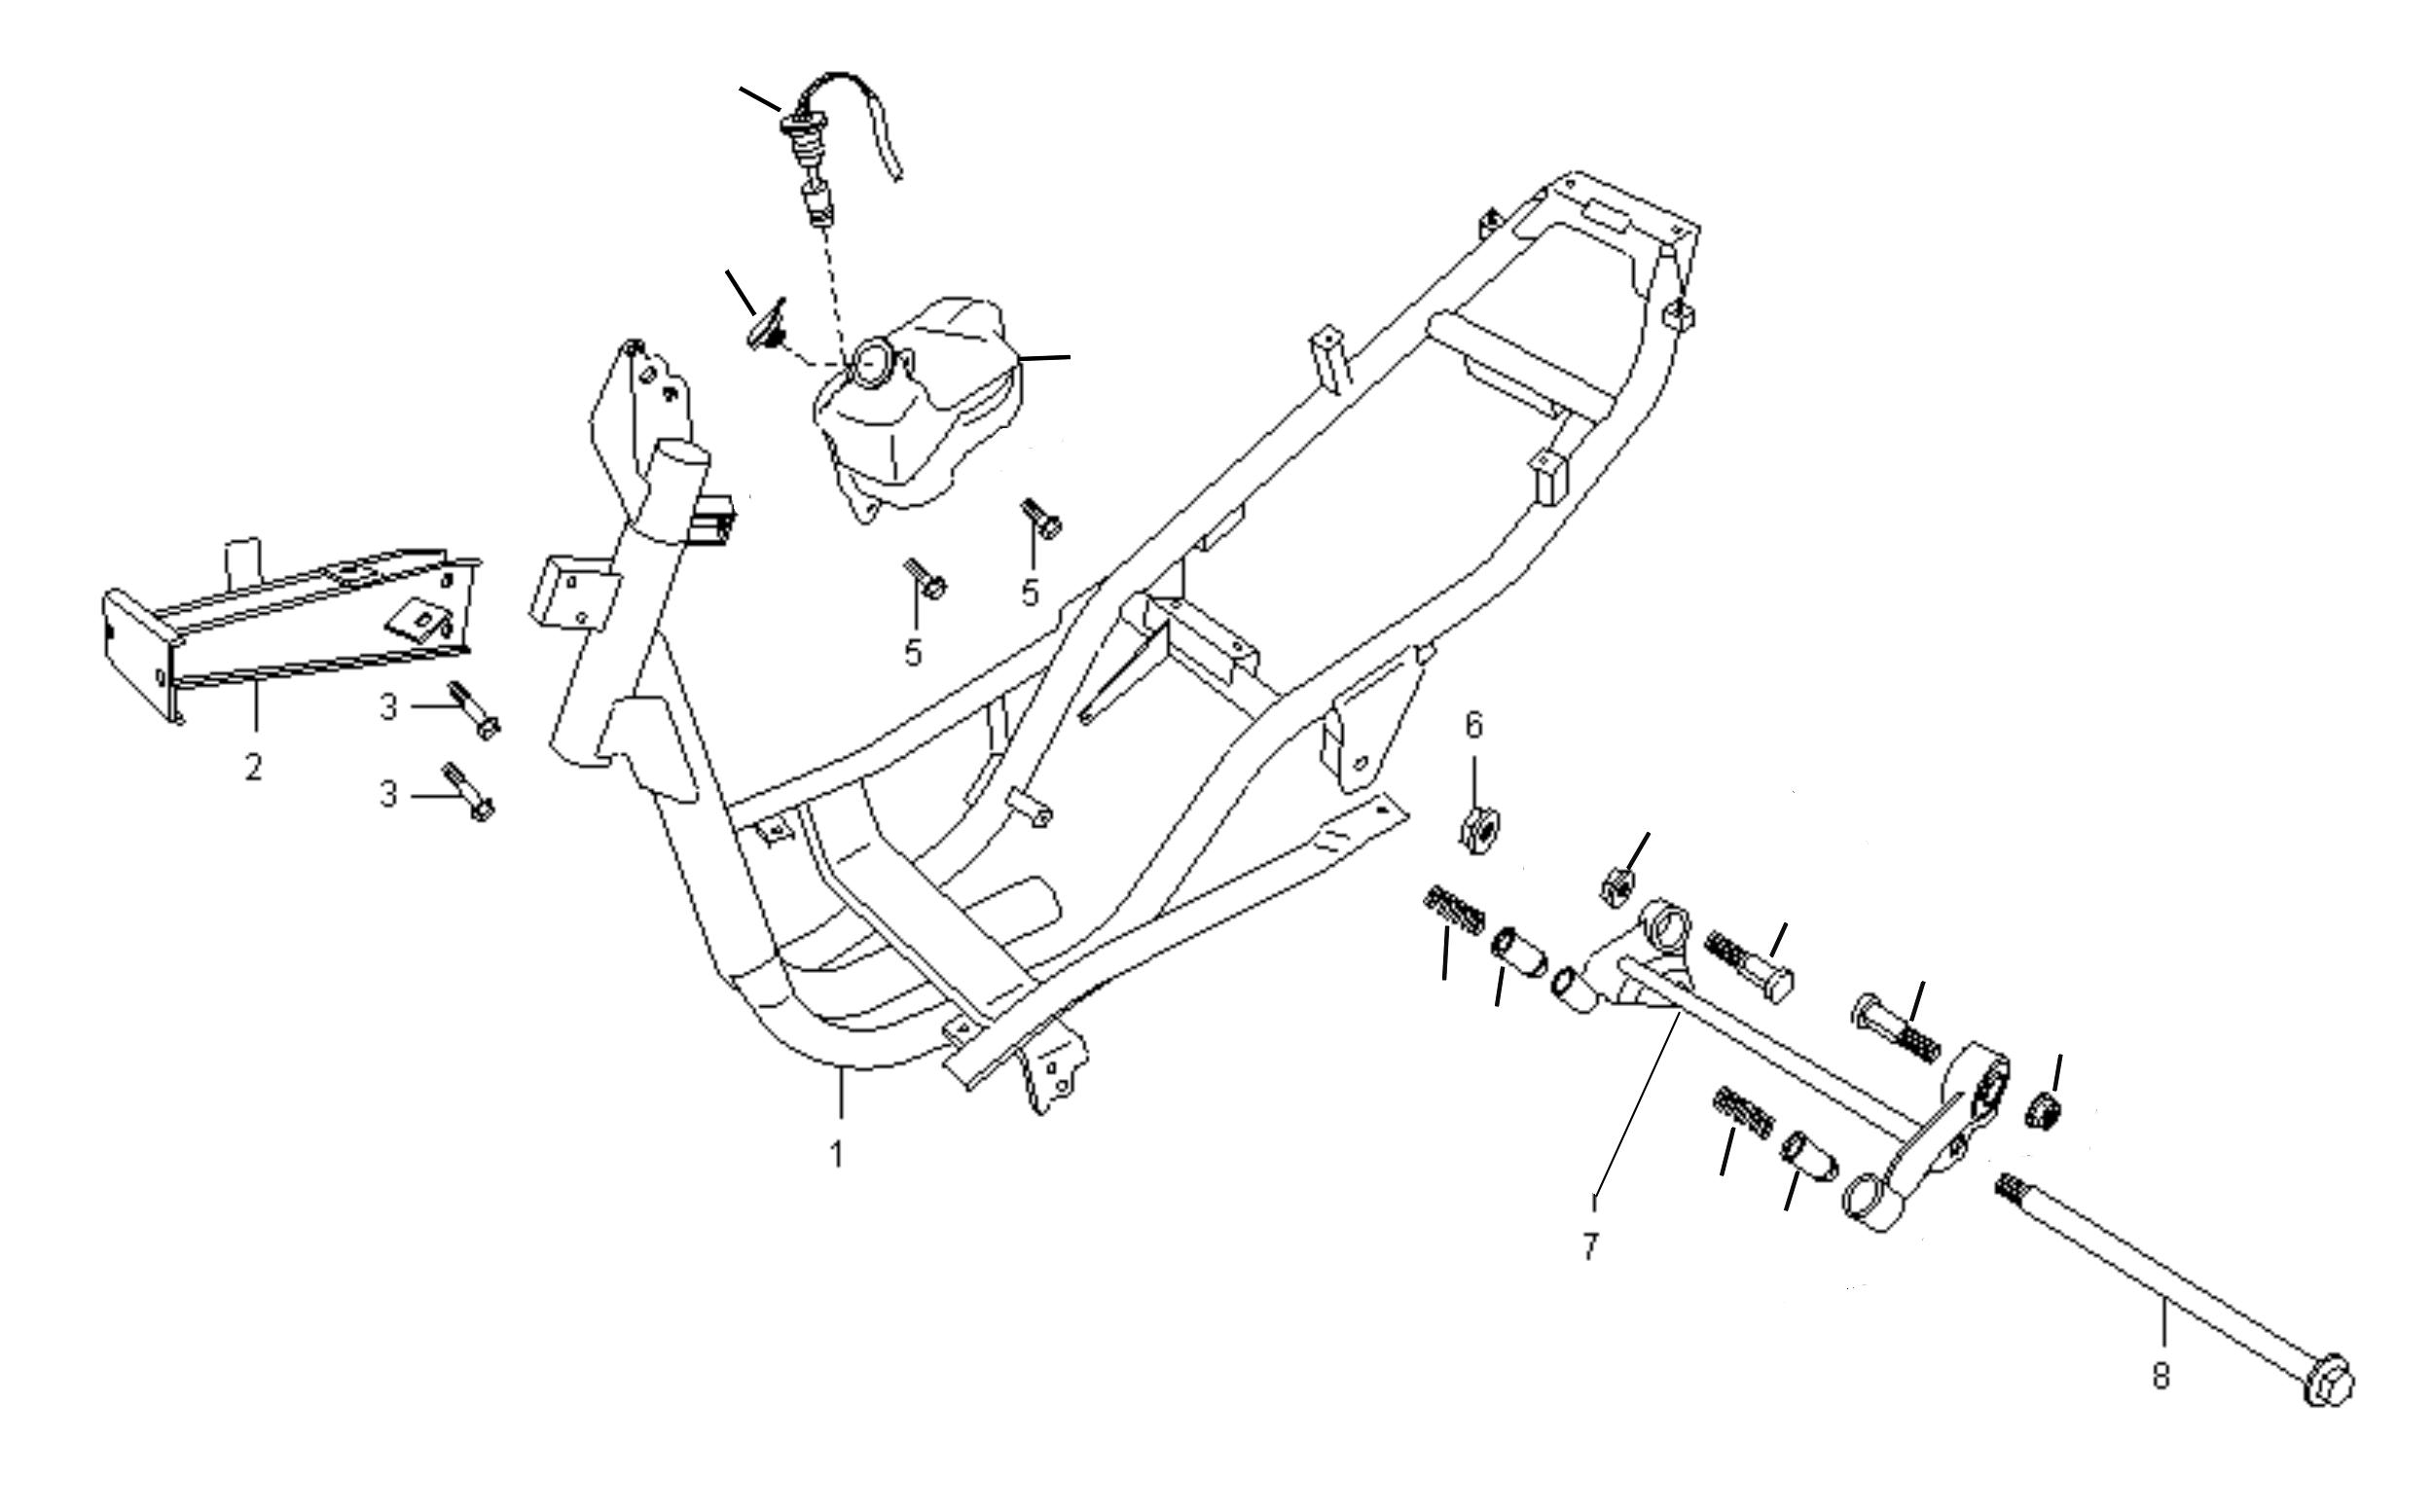 Rahmen, Öltank, Motoraufhängung f. Fzg. m. 2-Taktmotor